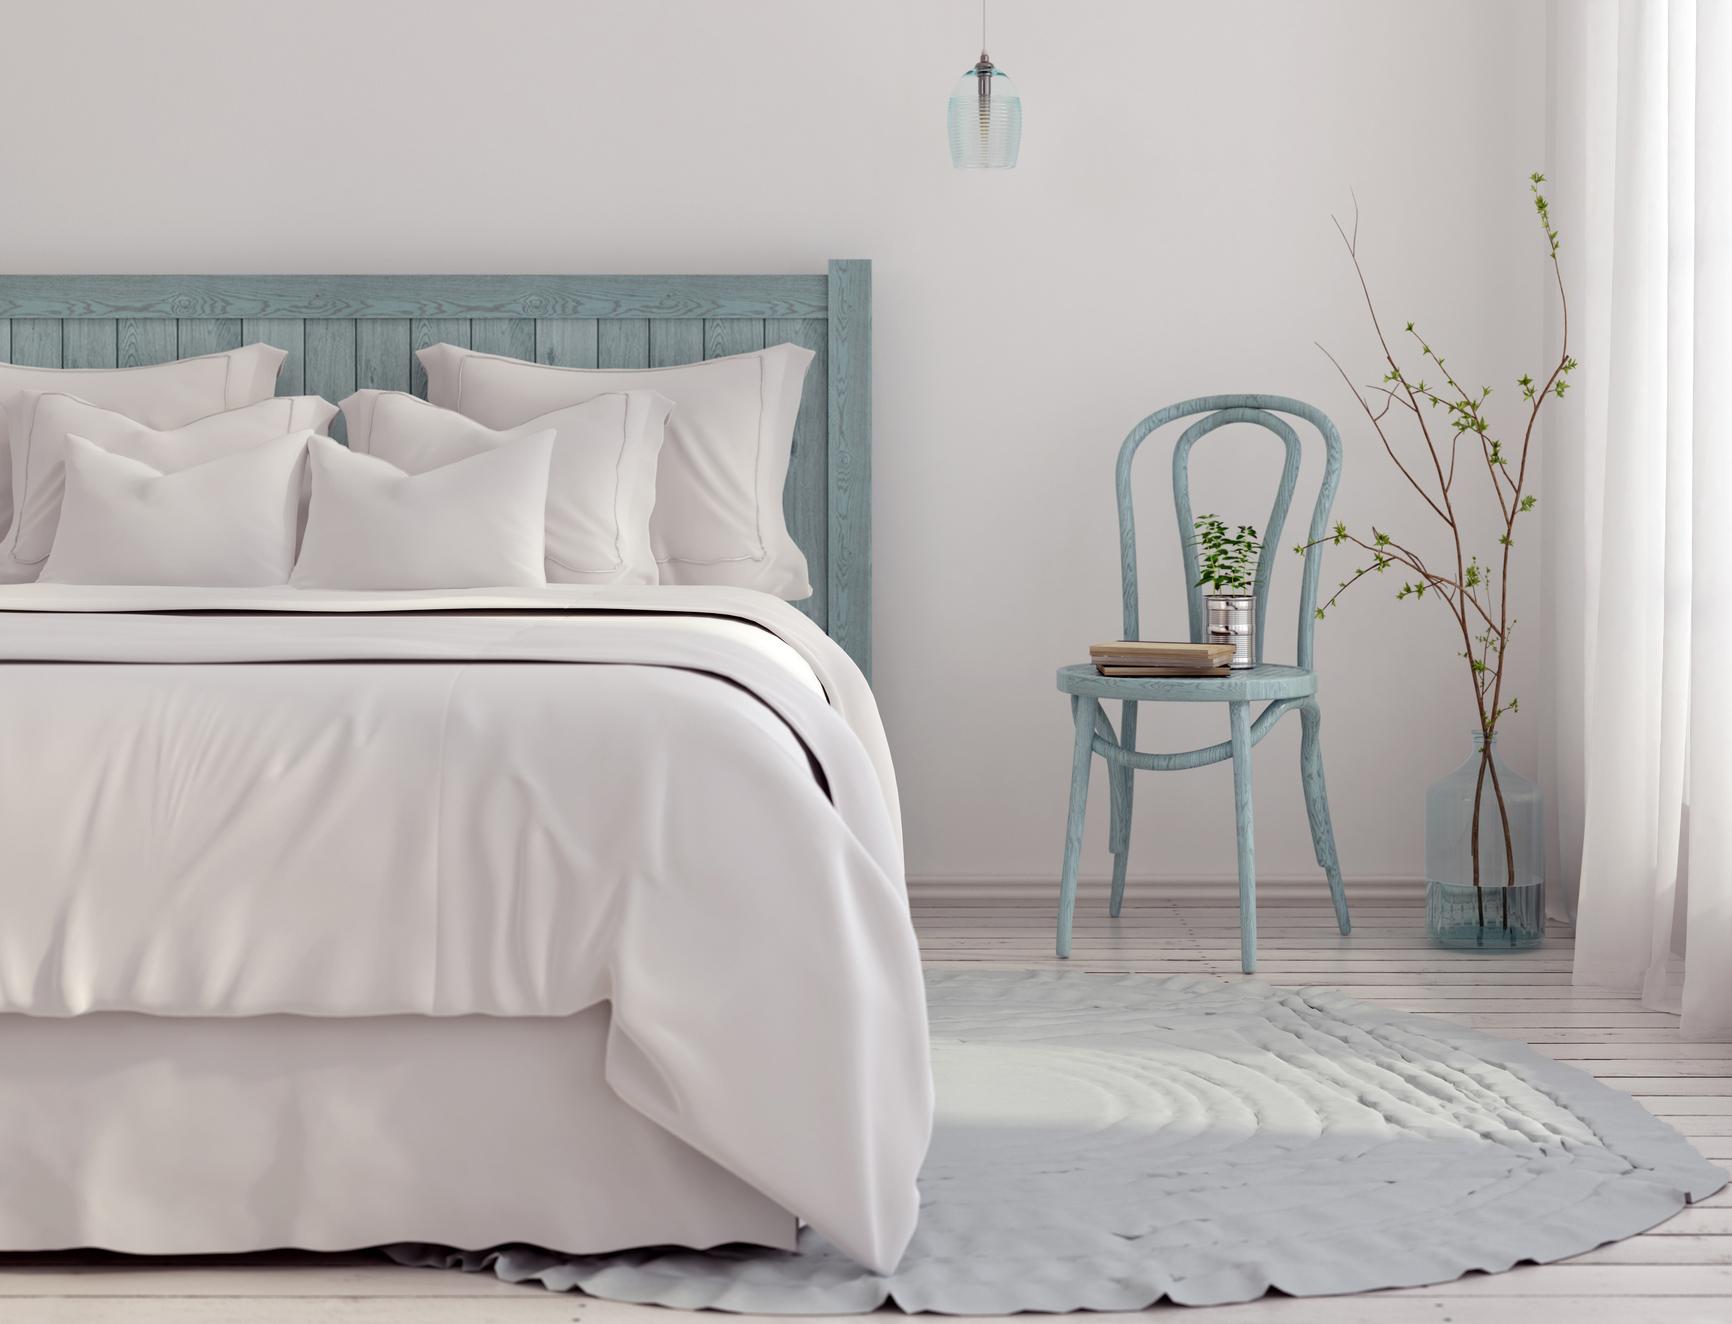 21 idee per una testata del letto alternativa - Testate per letto ...